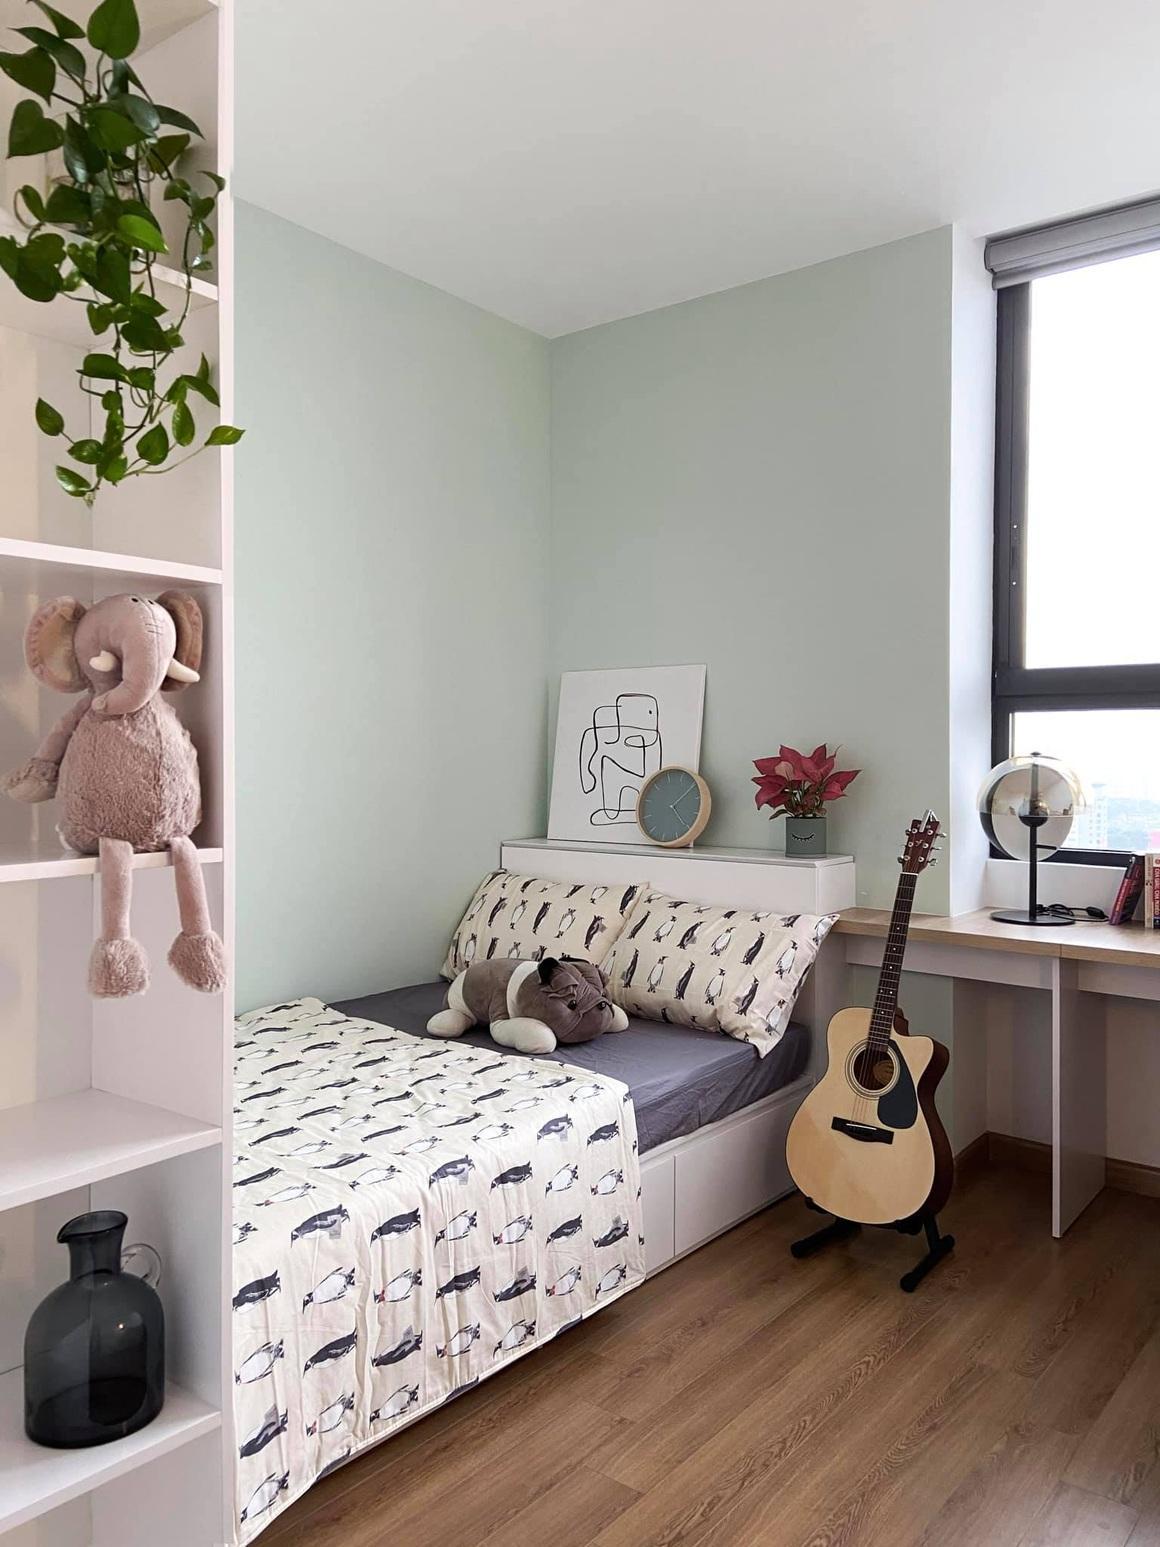 Ngắm căn hộ của gia chủ khó tính: Nội thất đẹp, lạ với tông màu xanh đậm - 13